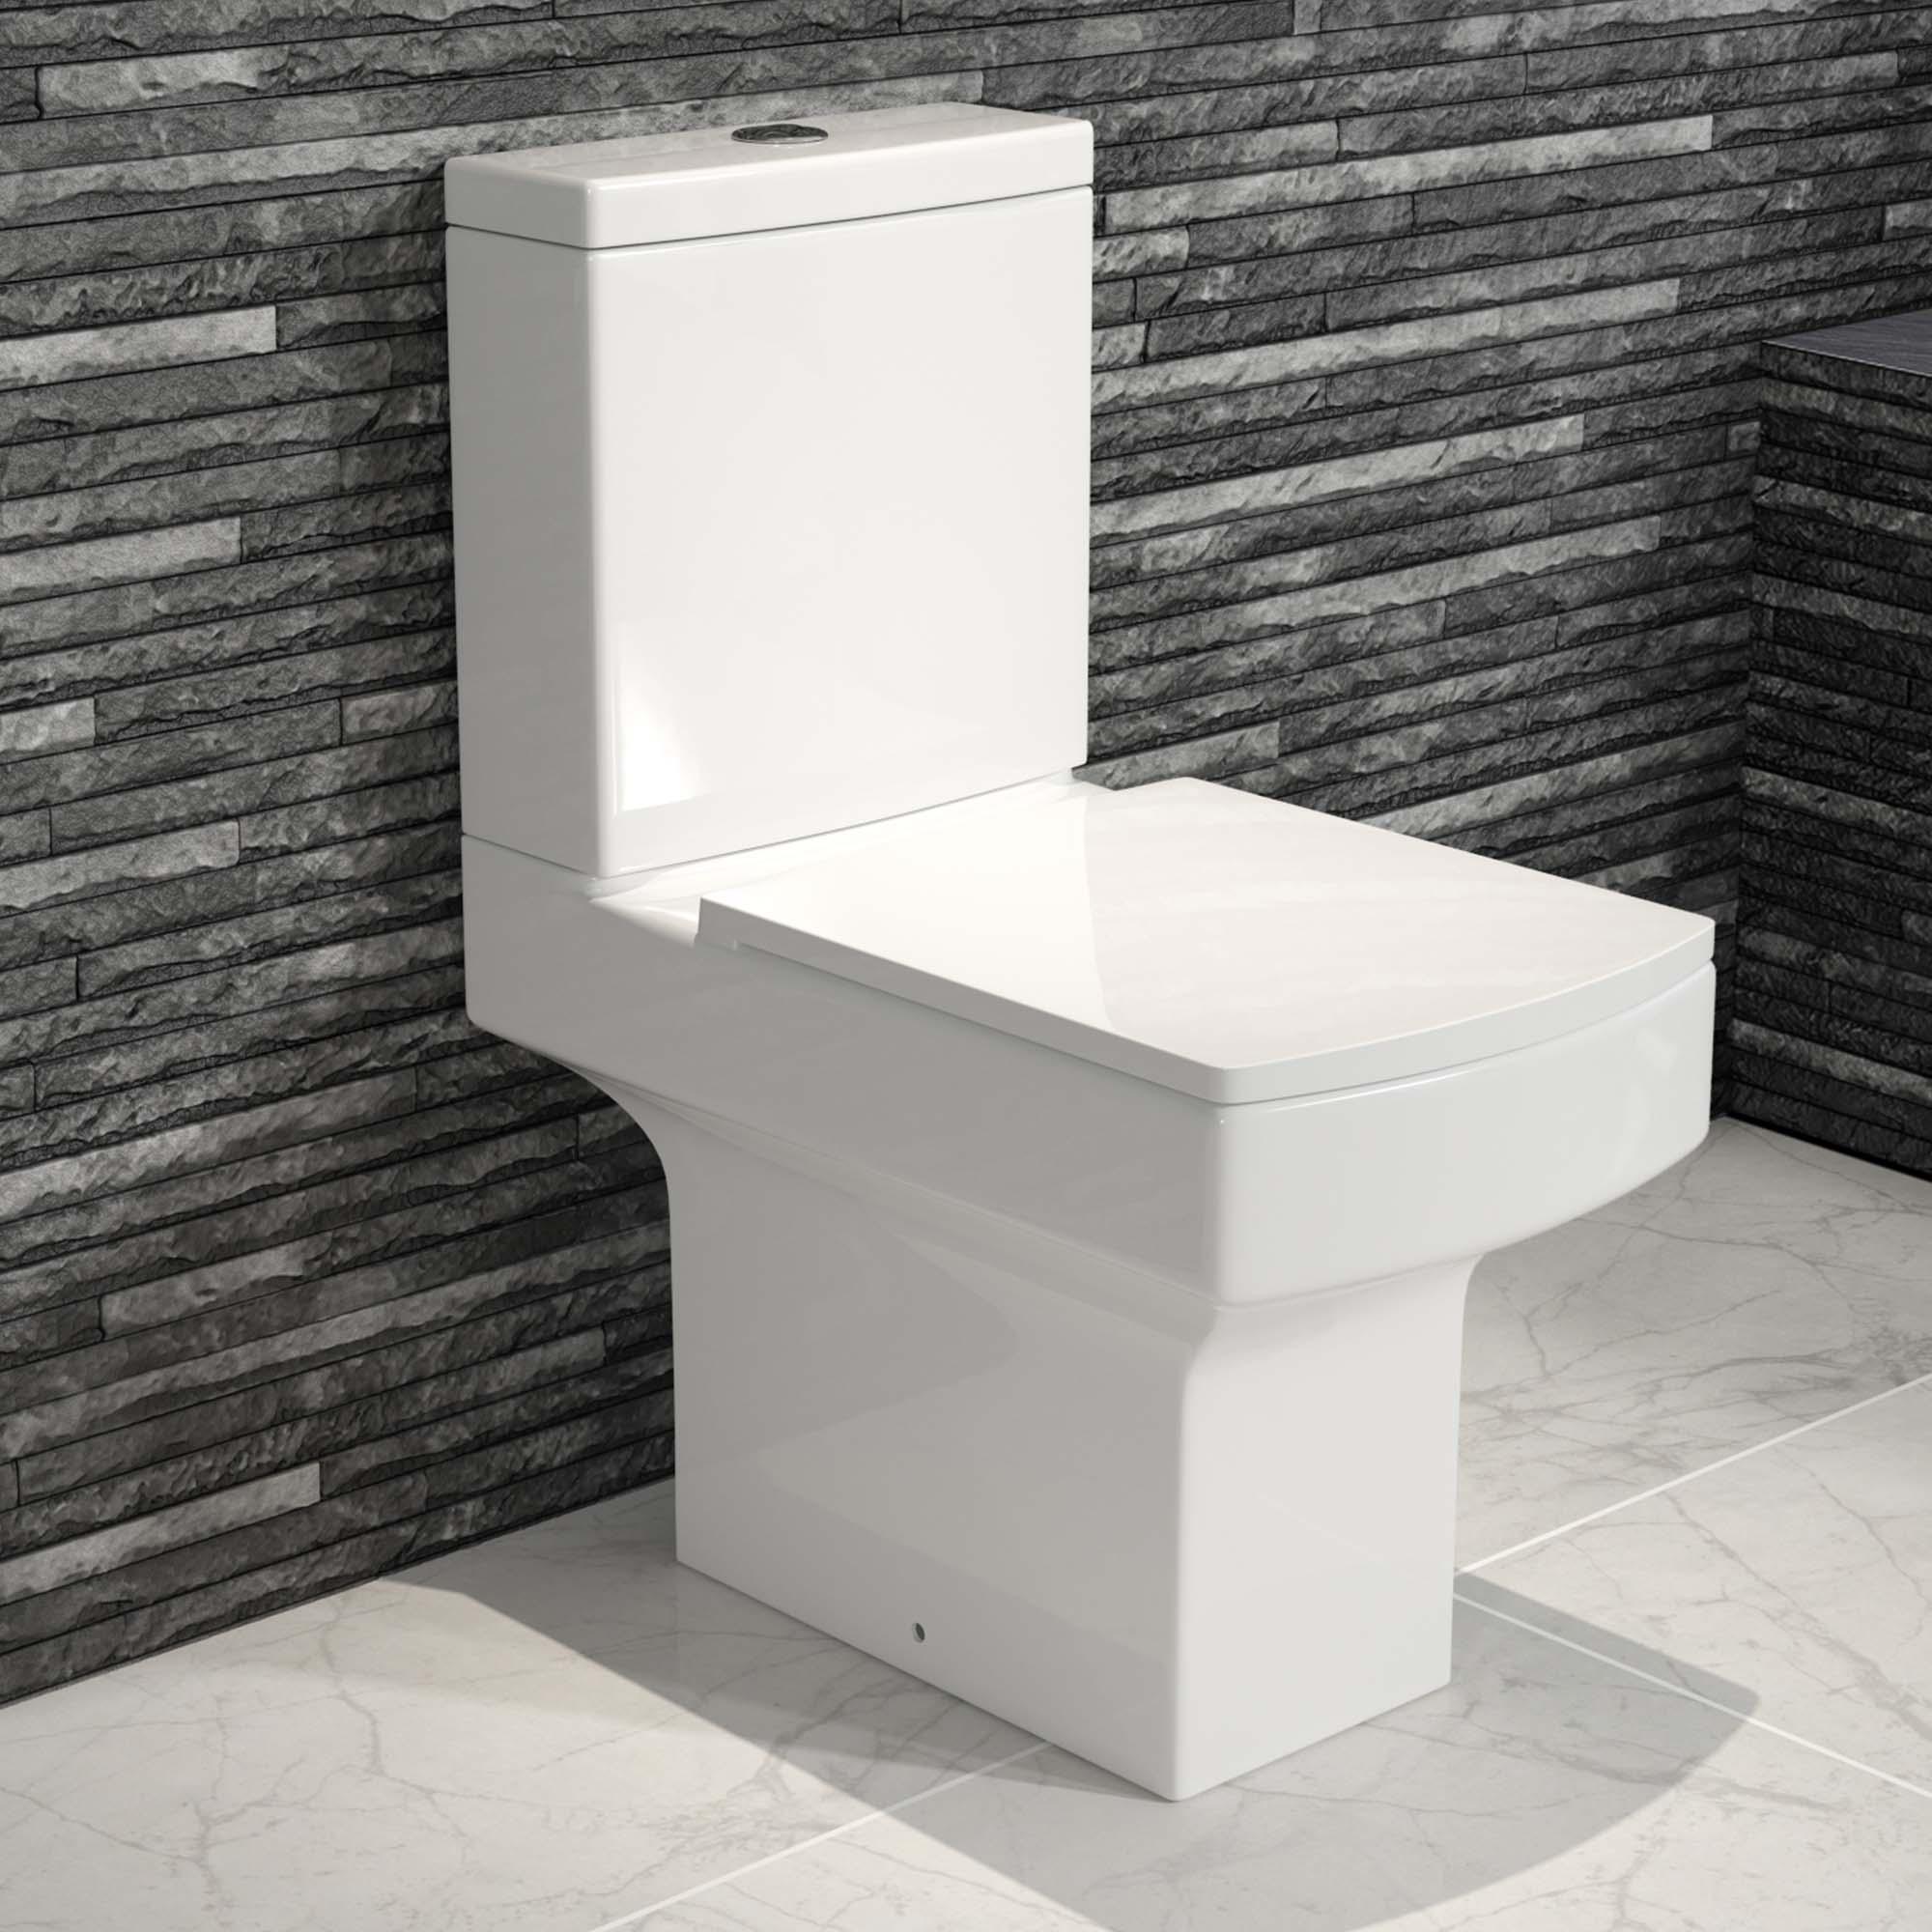 l shaped shower bath 1700mm bathroom suite wc toilet wash l shaped shower bath 1700mm bathroom suite wc toilet wash